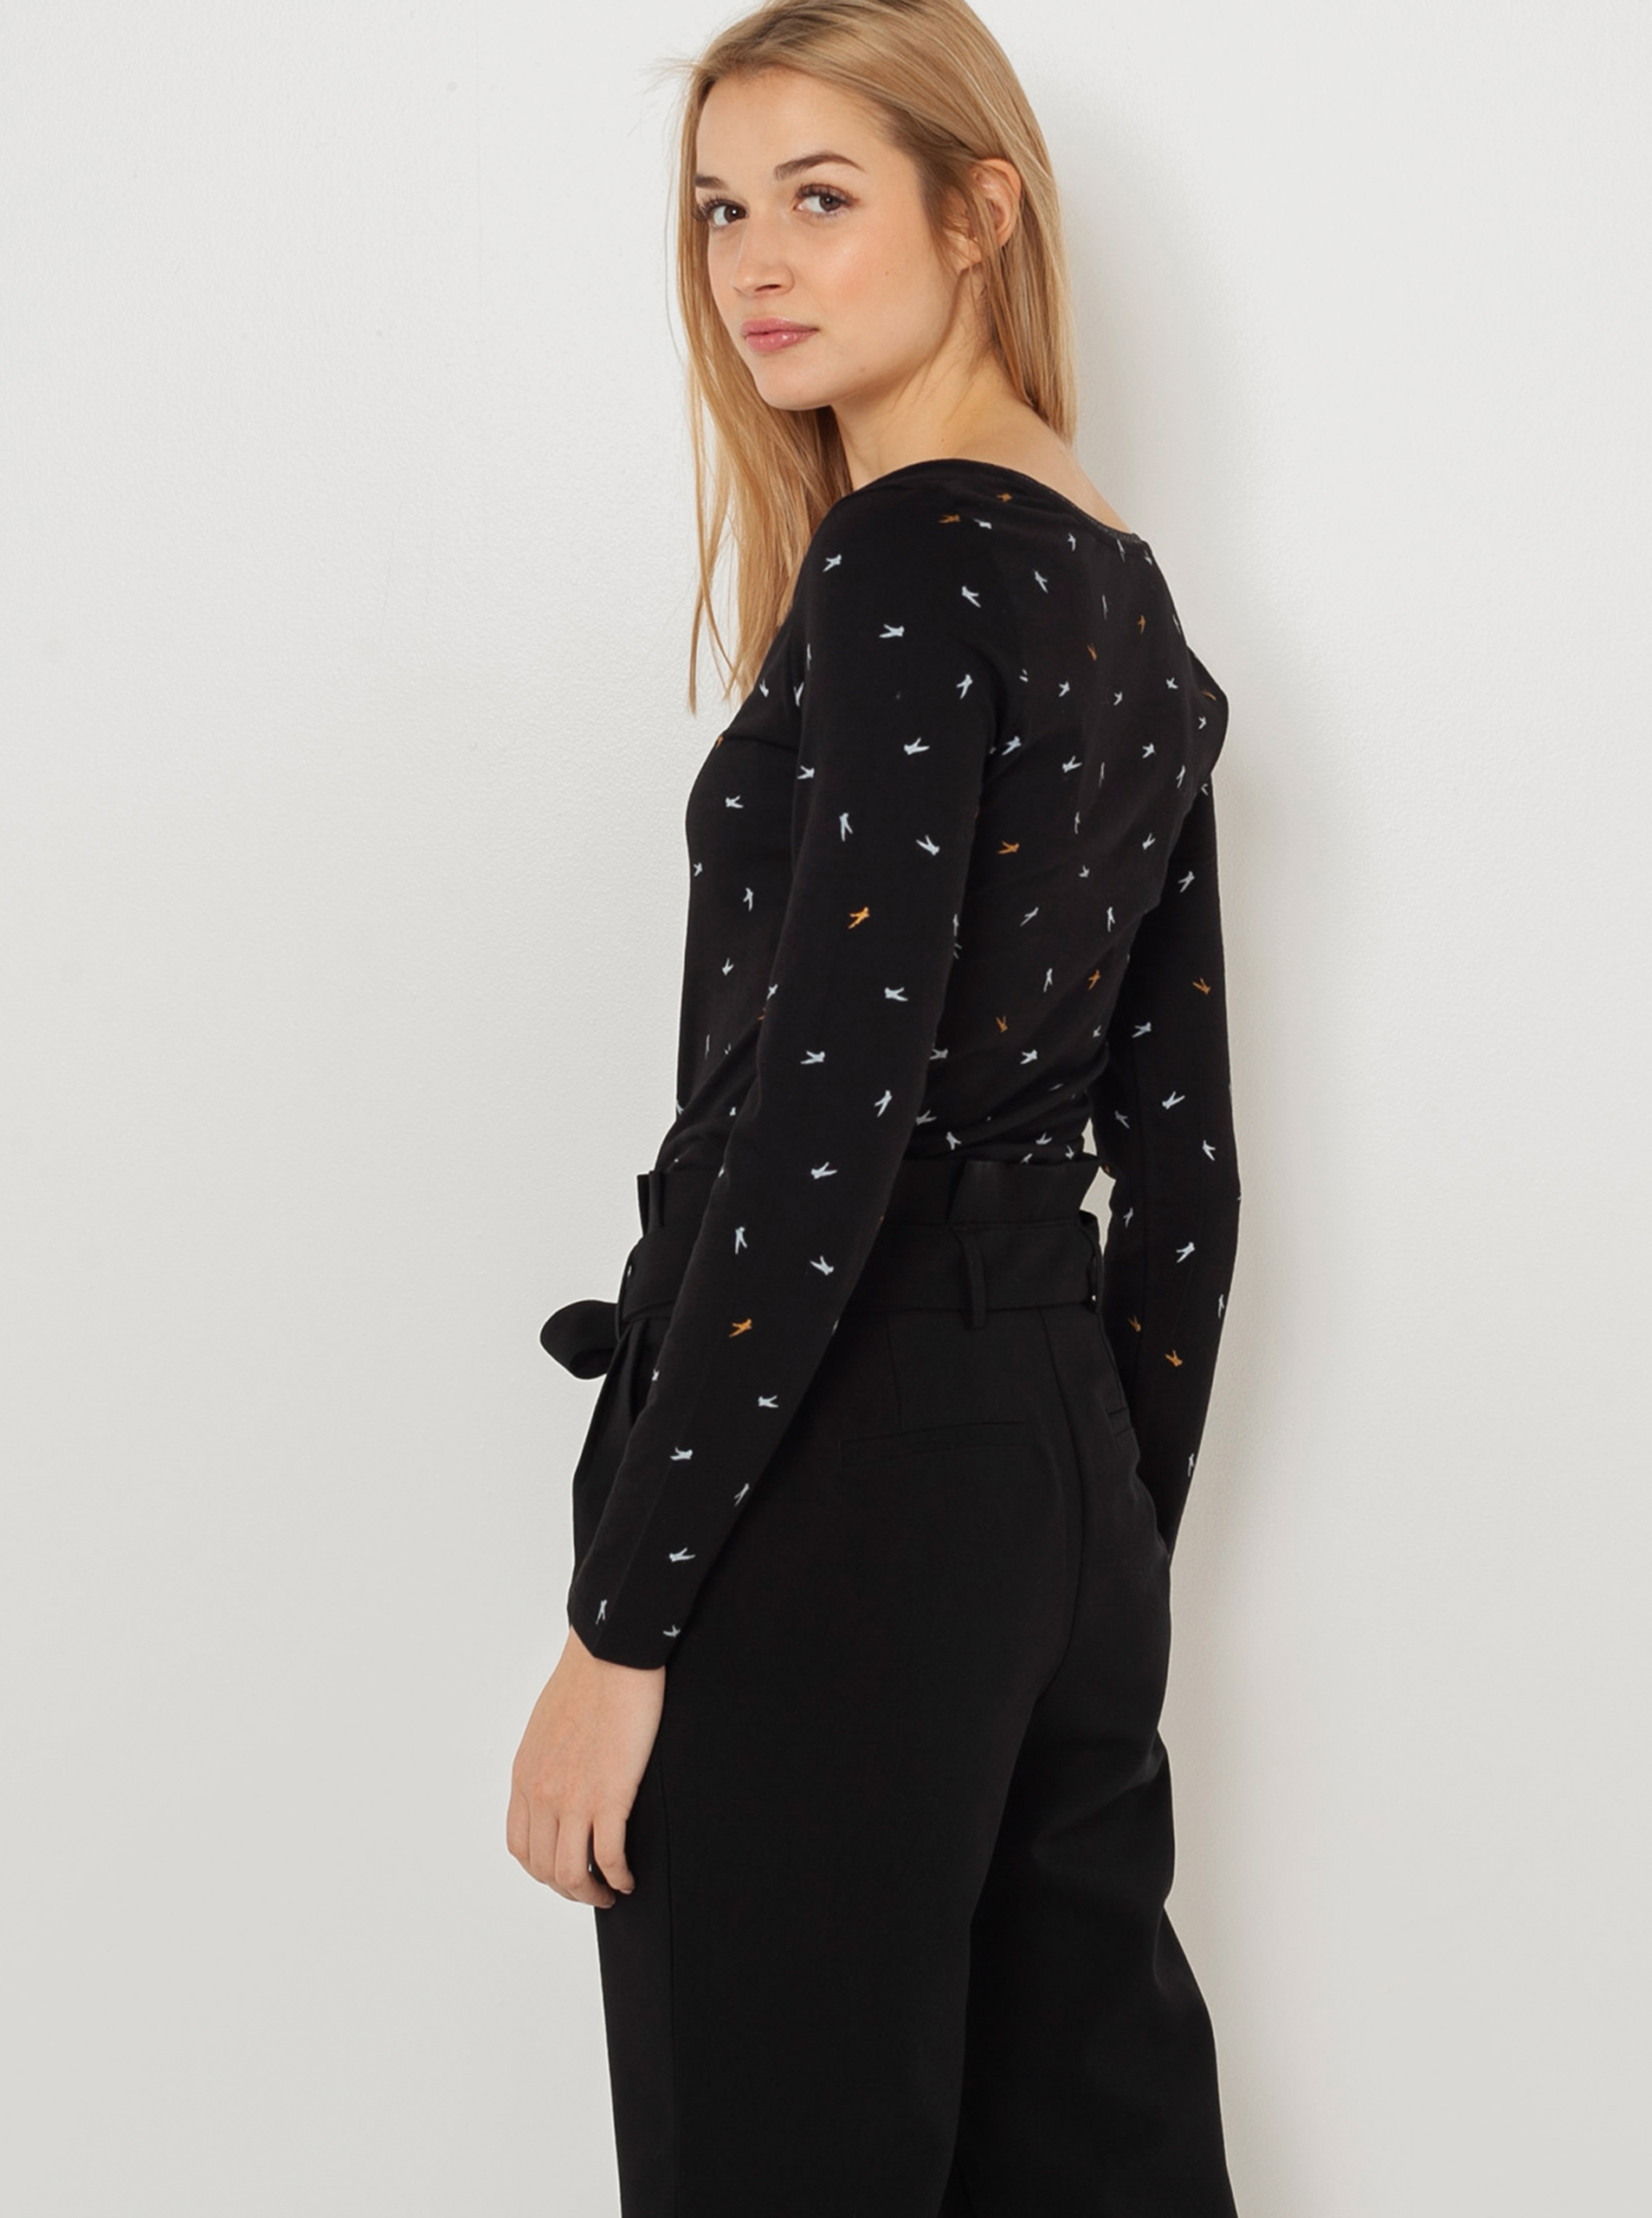 CAMAIEU black T-shirt with pattern